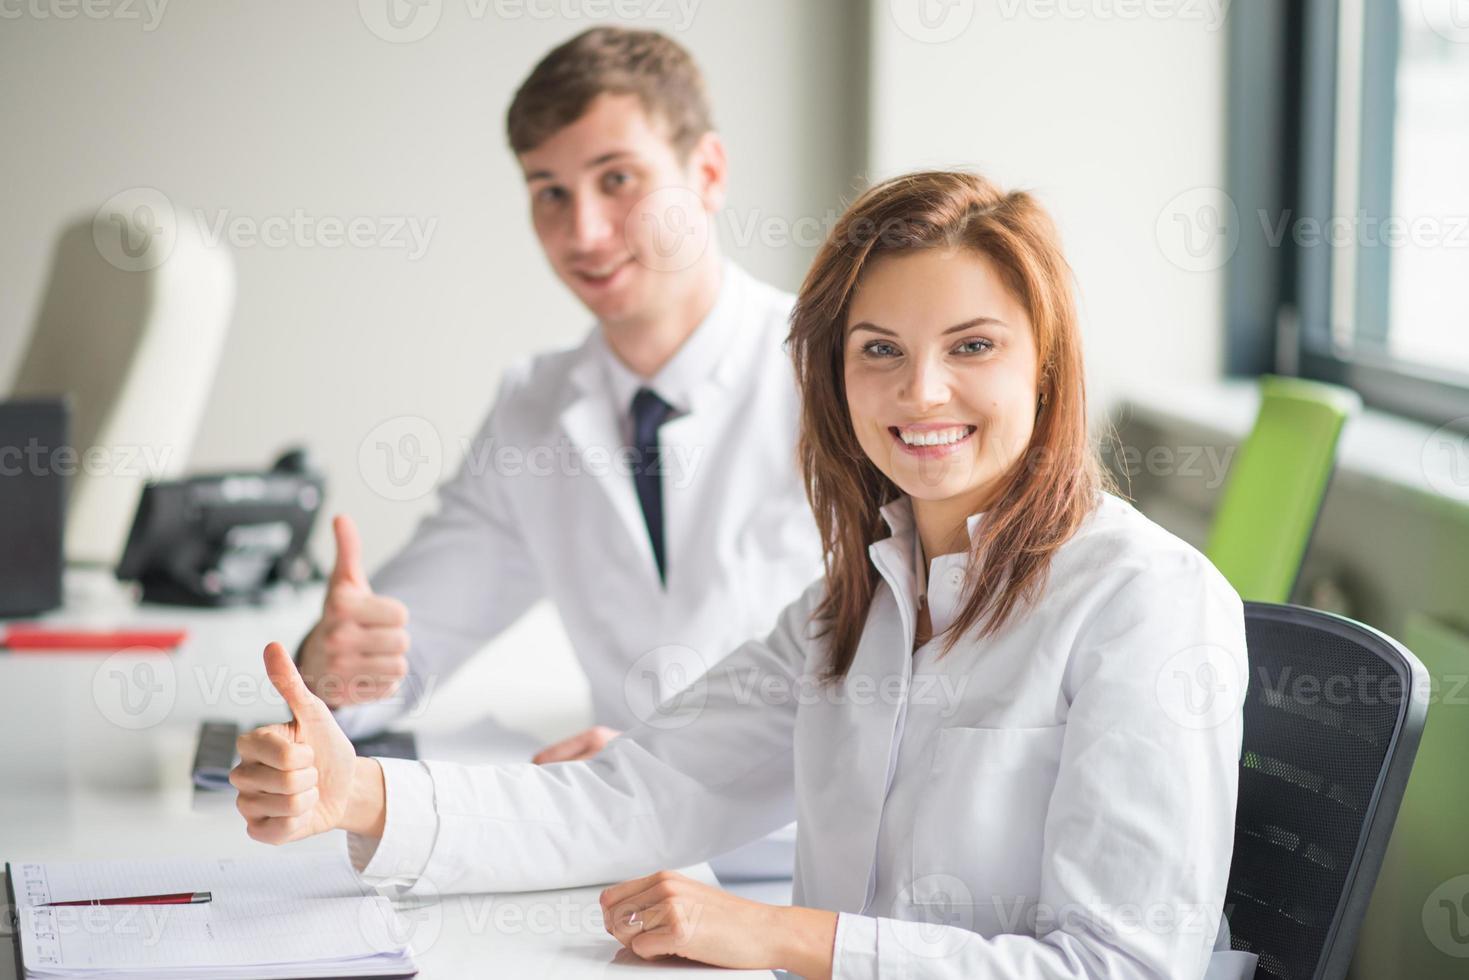 twee dokters laten hun duim zien foto